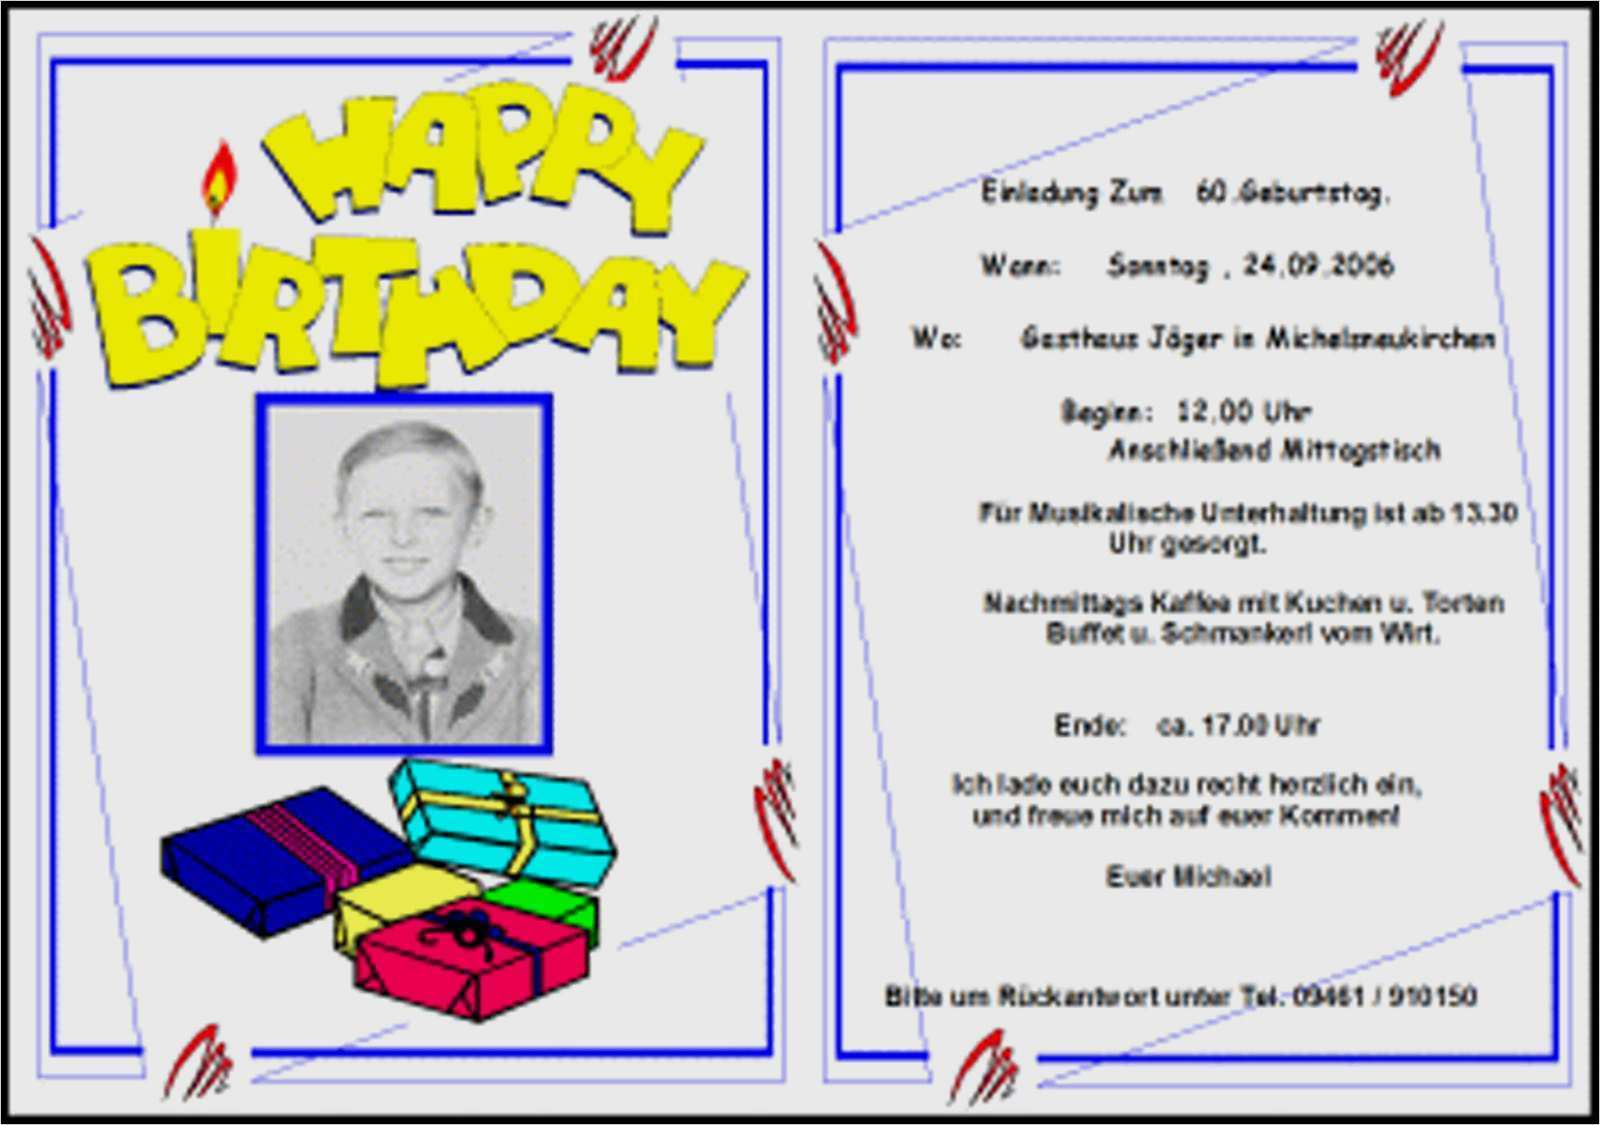 Einladung 2 Geburtstag Vorlage Neu Vorlage Einladung Geburtstag